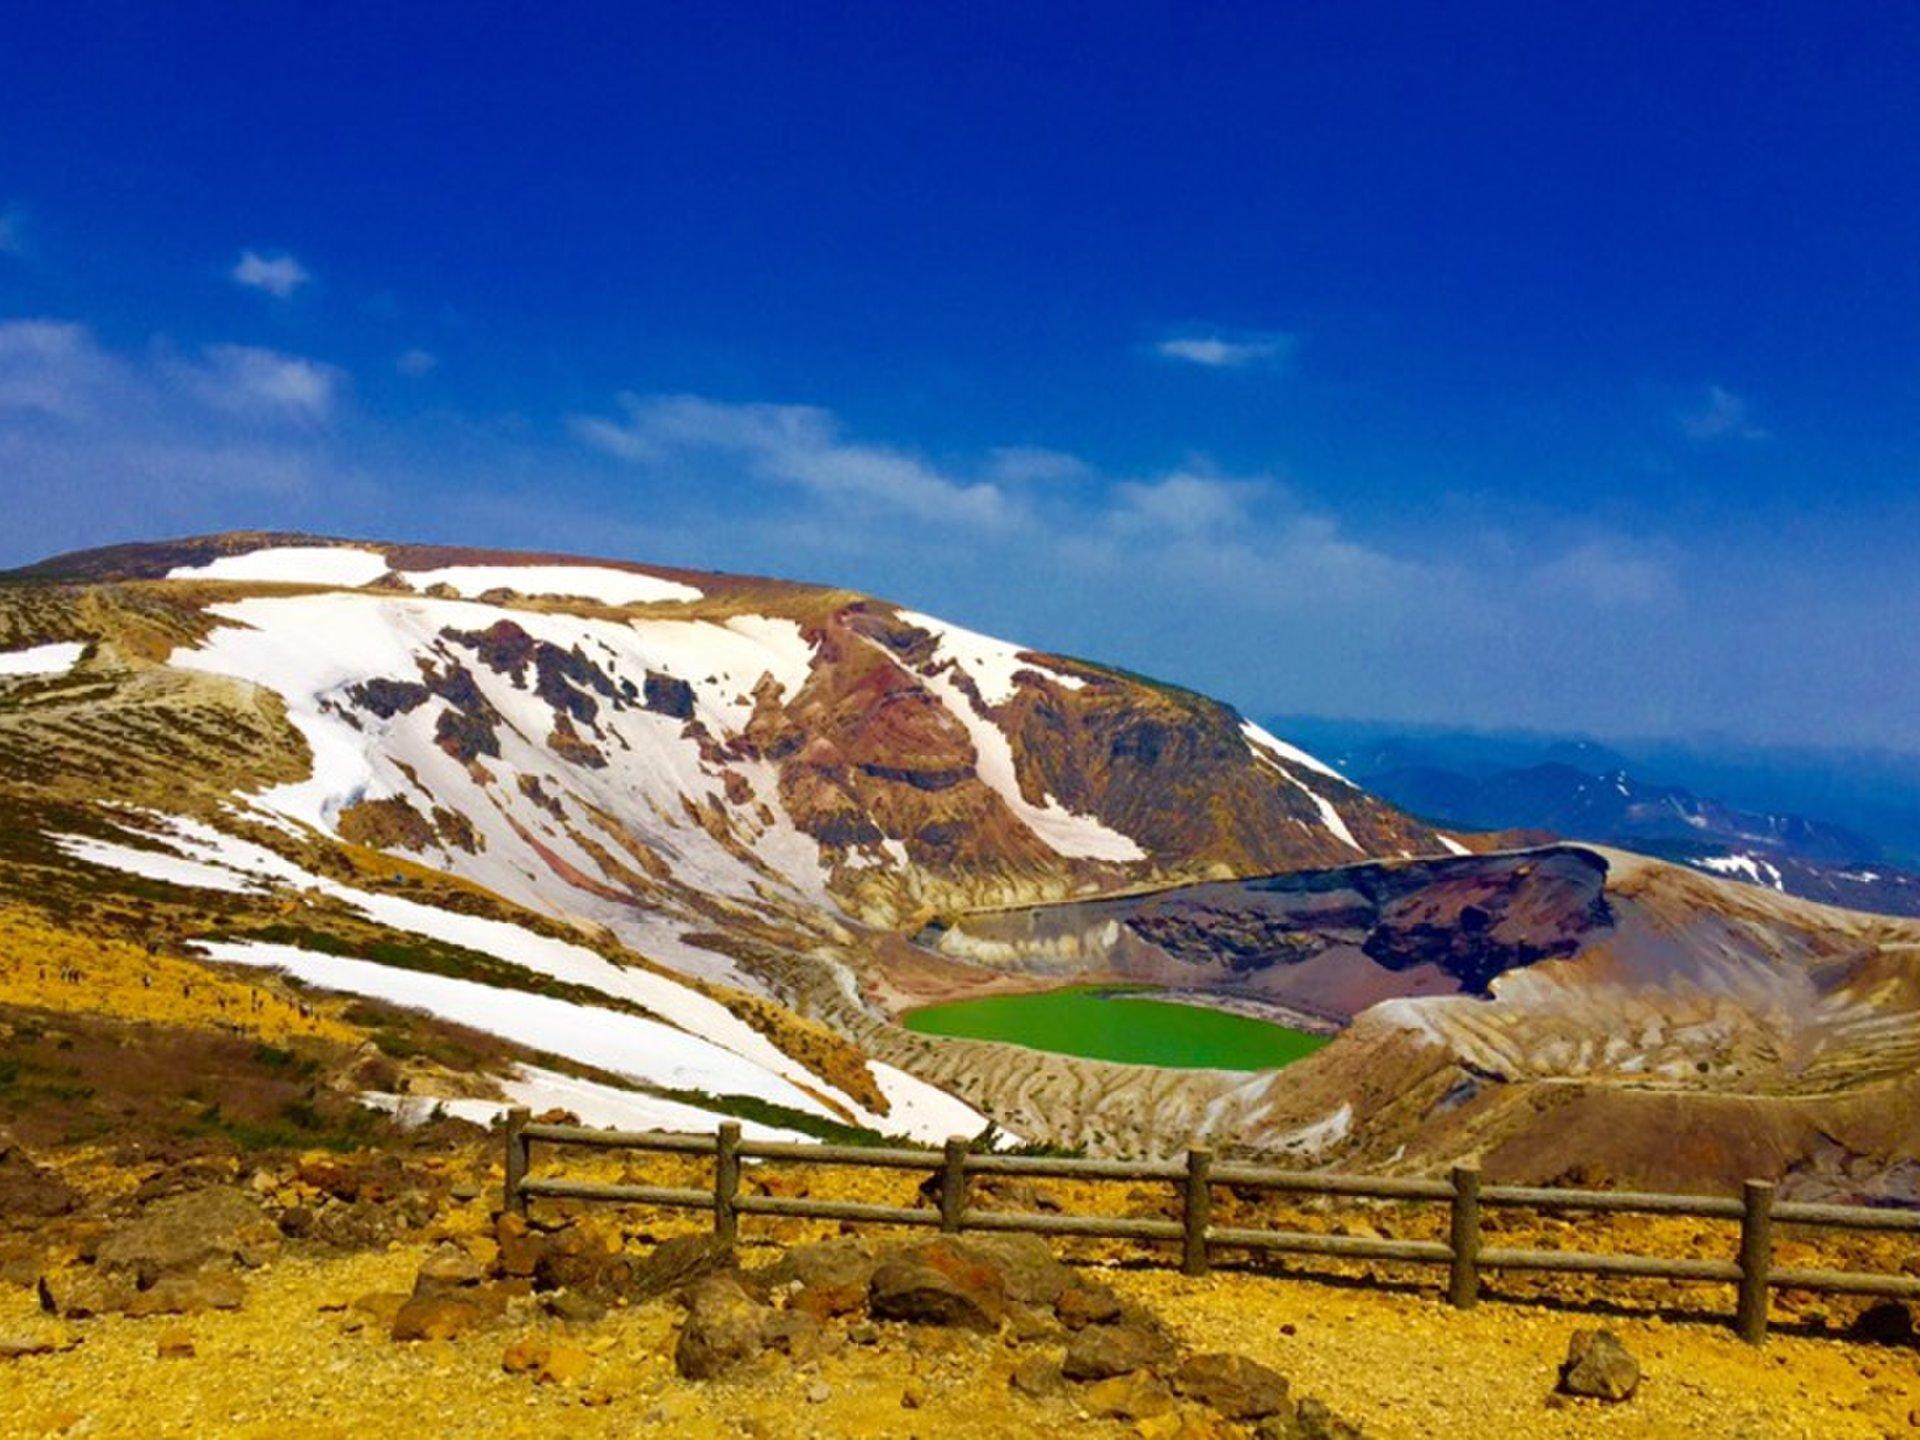 春に行きたい、宮城県のおすすめ観光スポット11選!王道から穴場まで